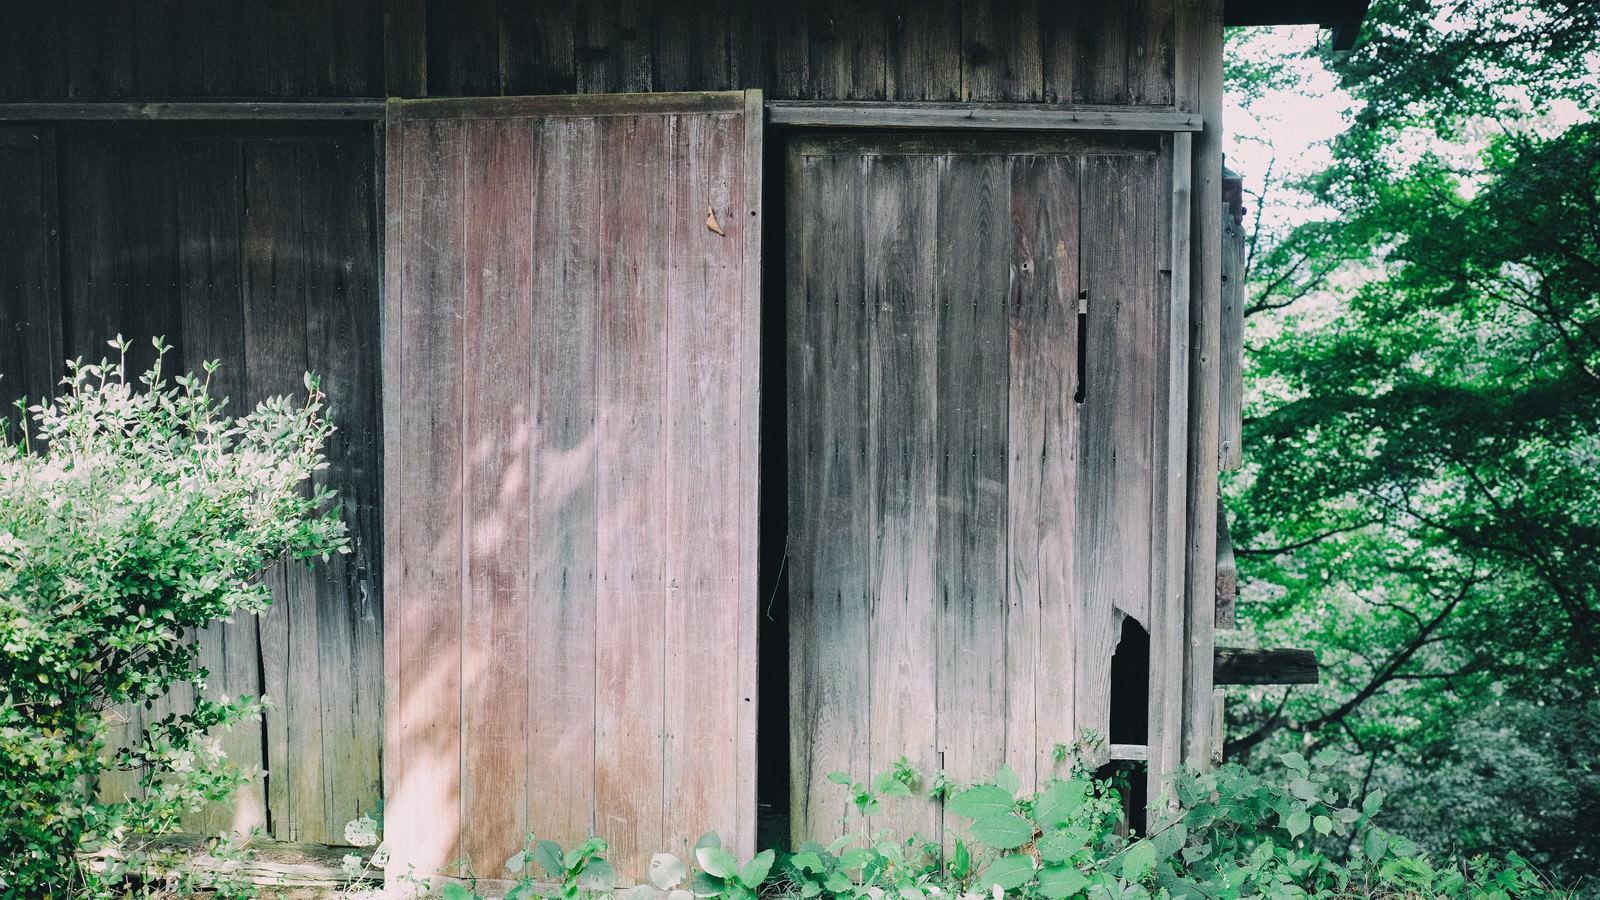 「荒廃した無人の住宅 | 写真の無料素材・フリー素材 - ぱくたそ」の写真